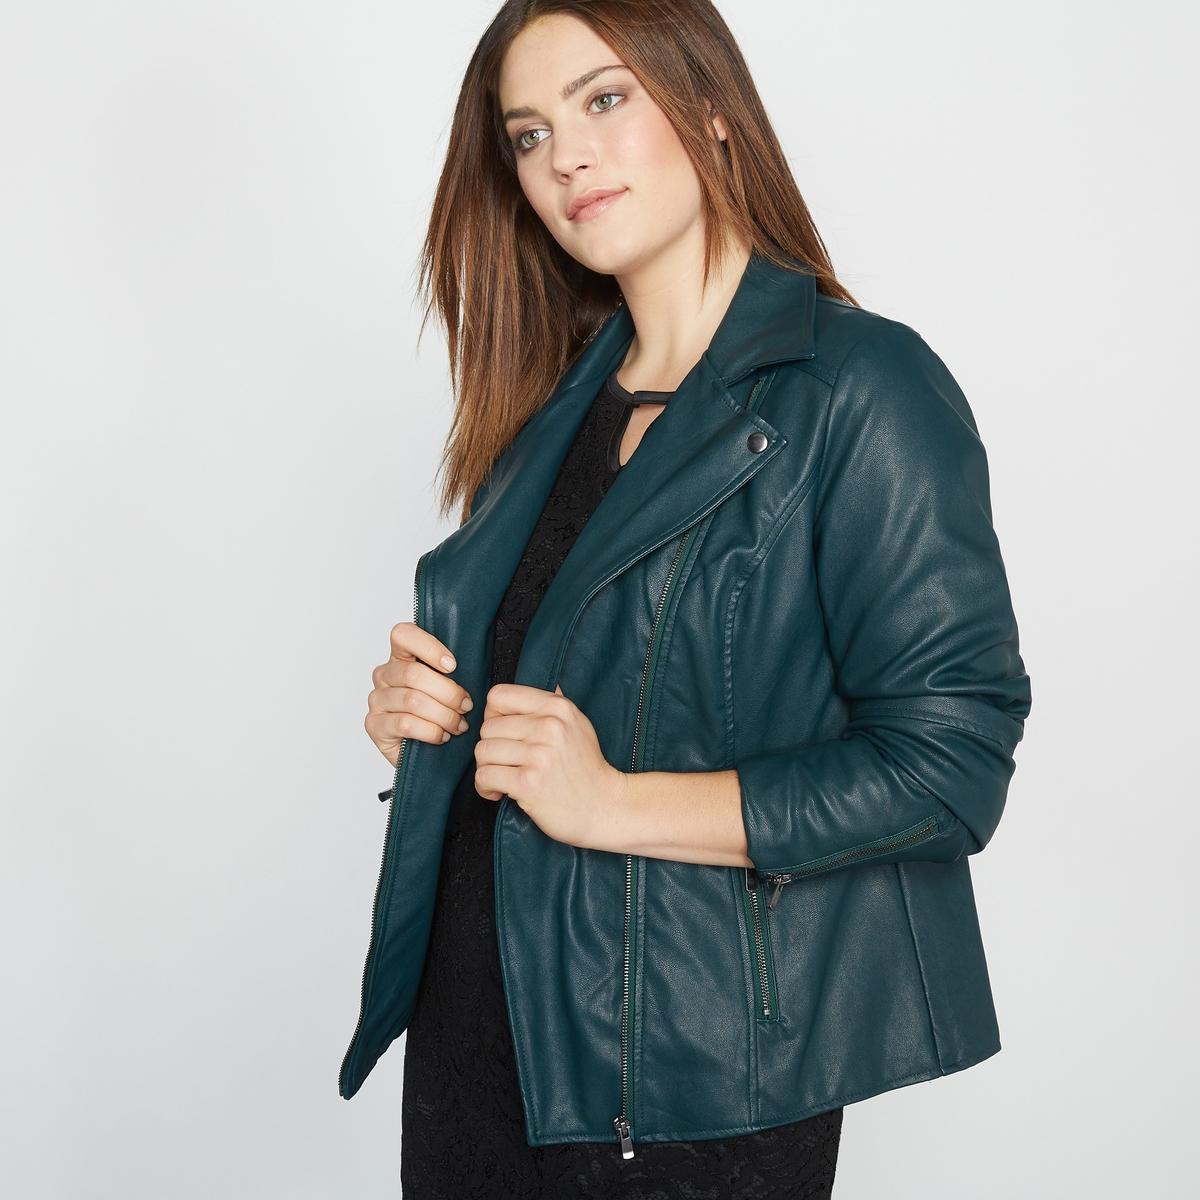 Куртка в стиле мотоциклетной, облегающий покройКуртка. Куртка в стиле мотоциклетной с разрезами, на молнии спереди. 2 кармана с застежкой на молнию. Низ рукавов с молниями. Имитация кожи из 100% вискозы, подкладка из 100% полиэстера. Длина 58 см.<br><br>Цвет: темно-зеленый